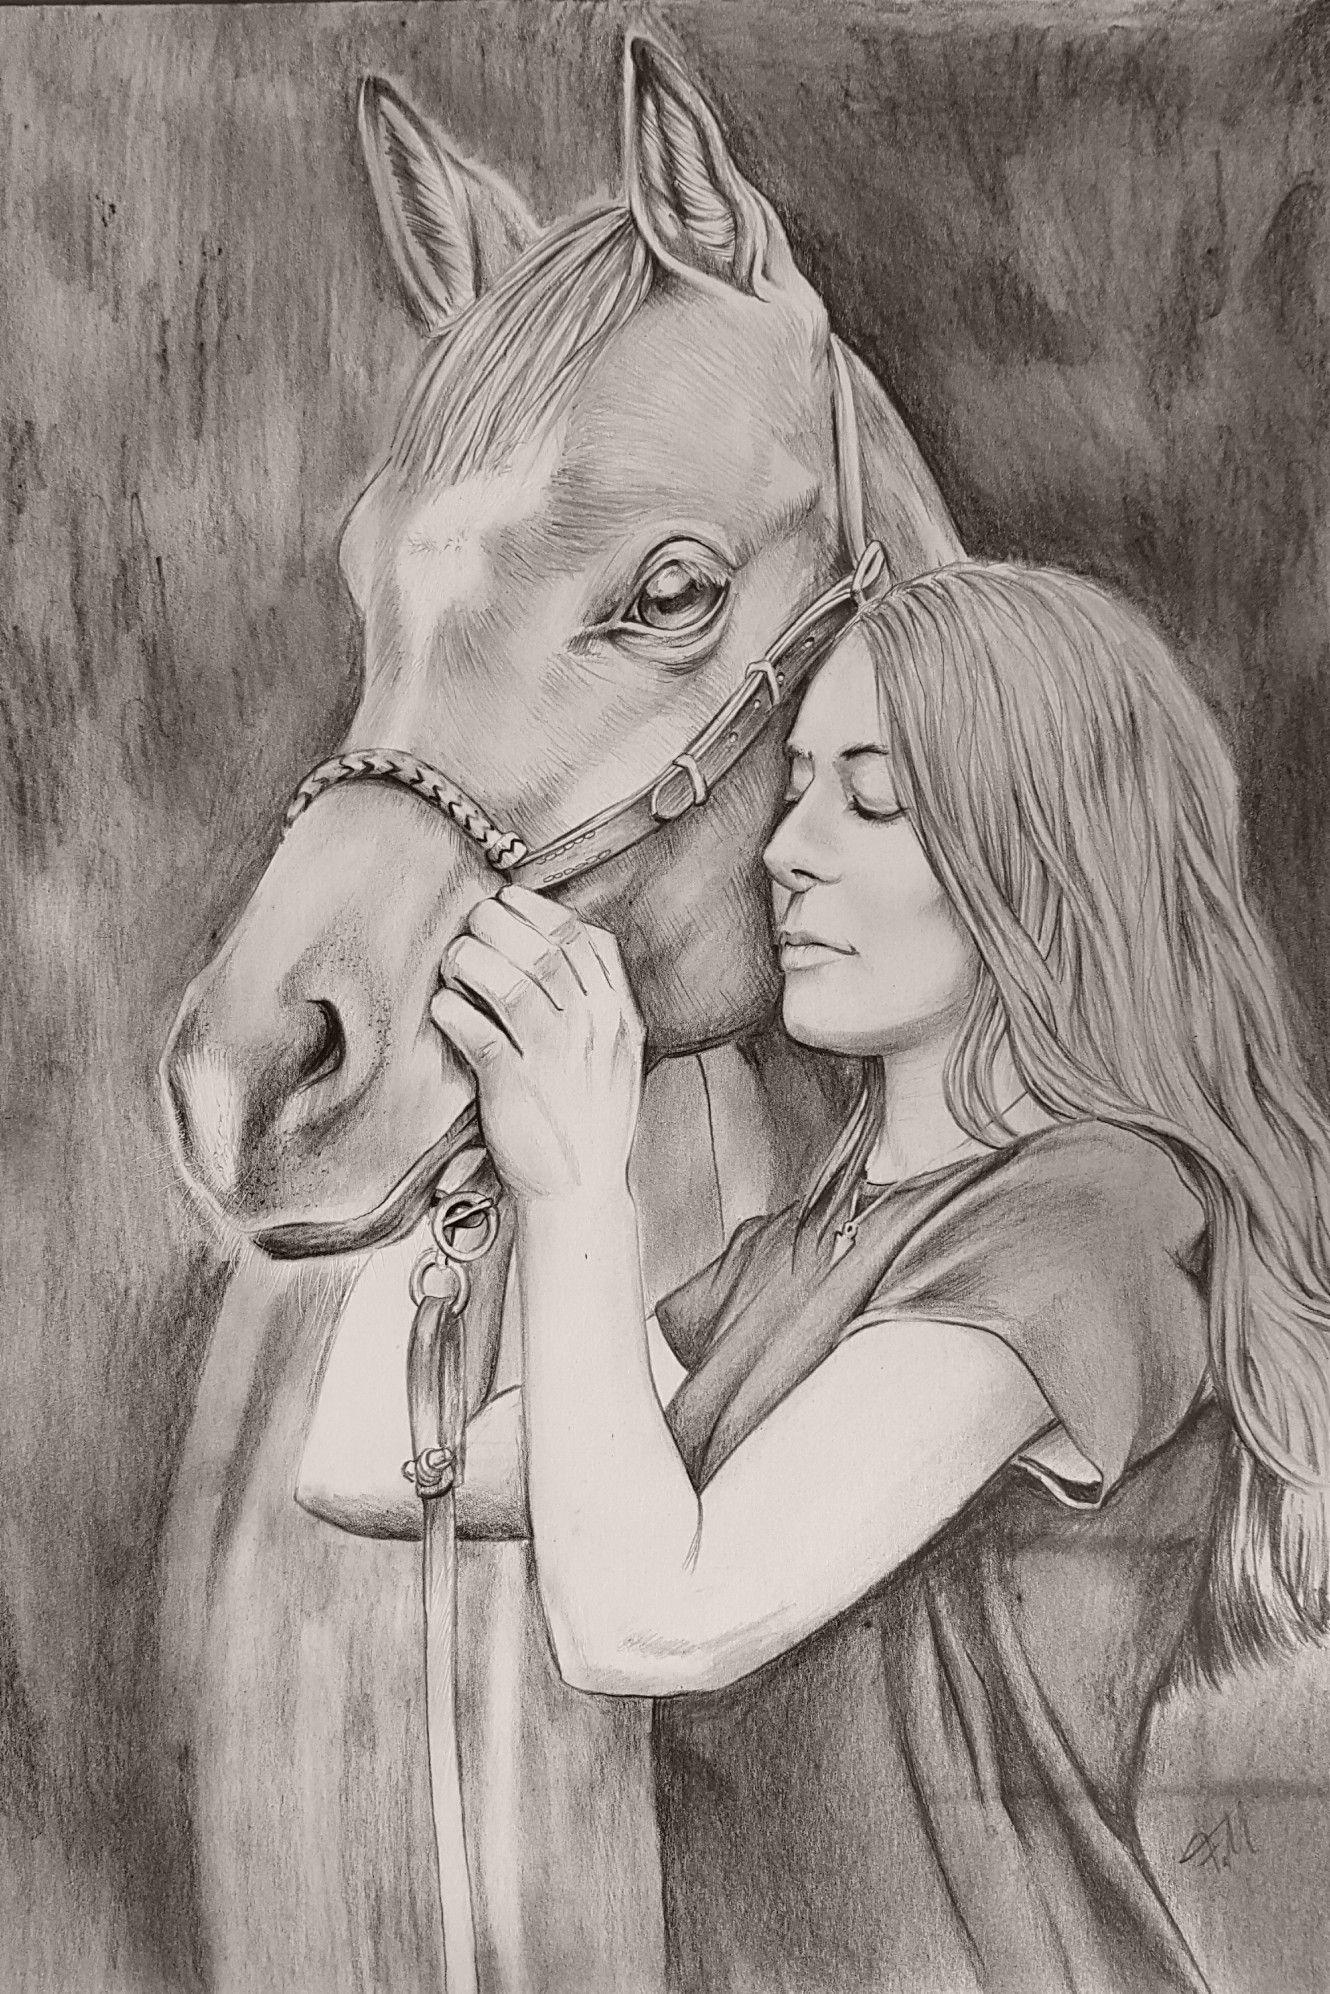 wundervolle zeichnung von pferd und mädchen bei